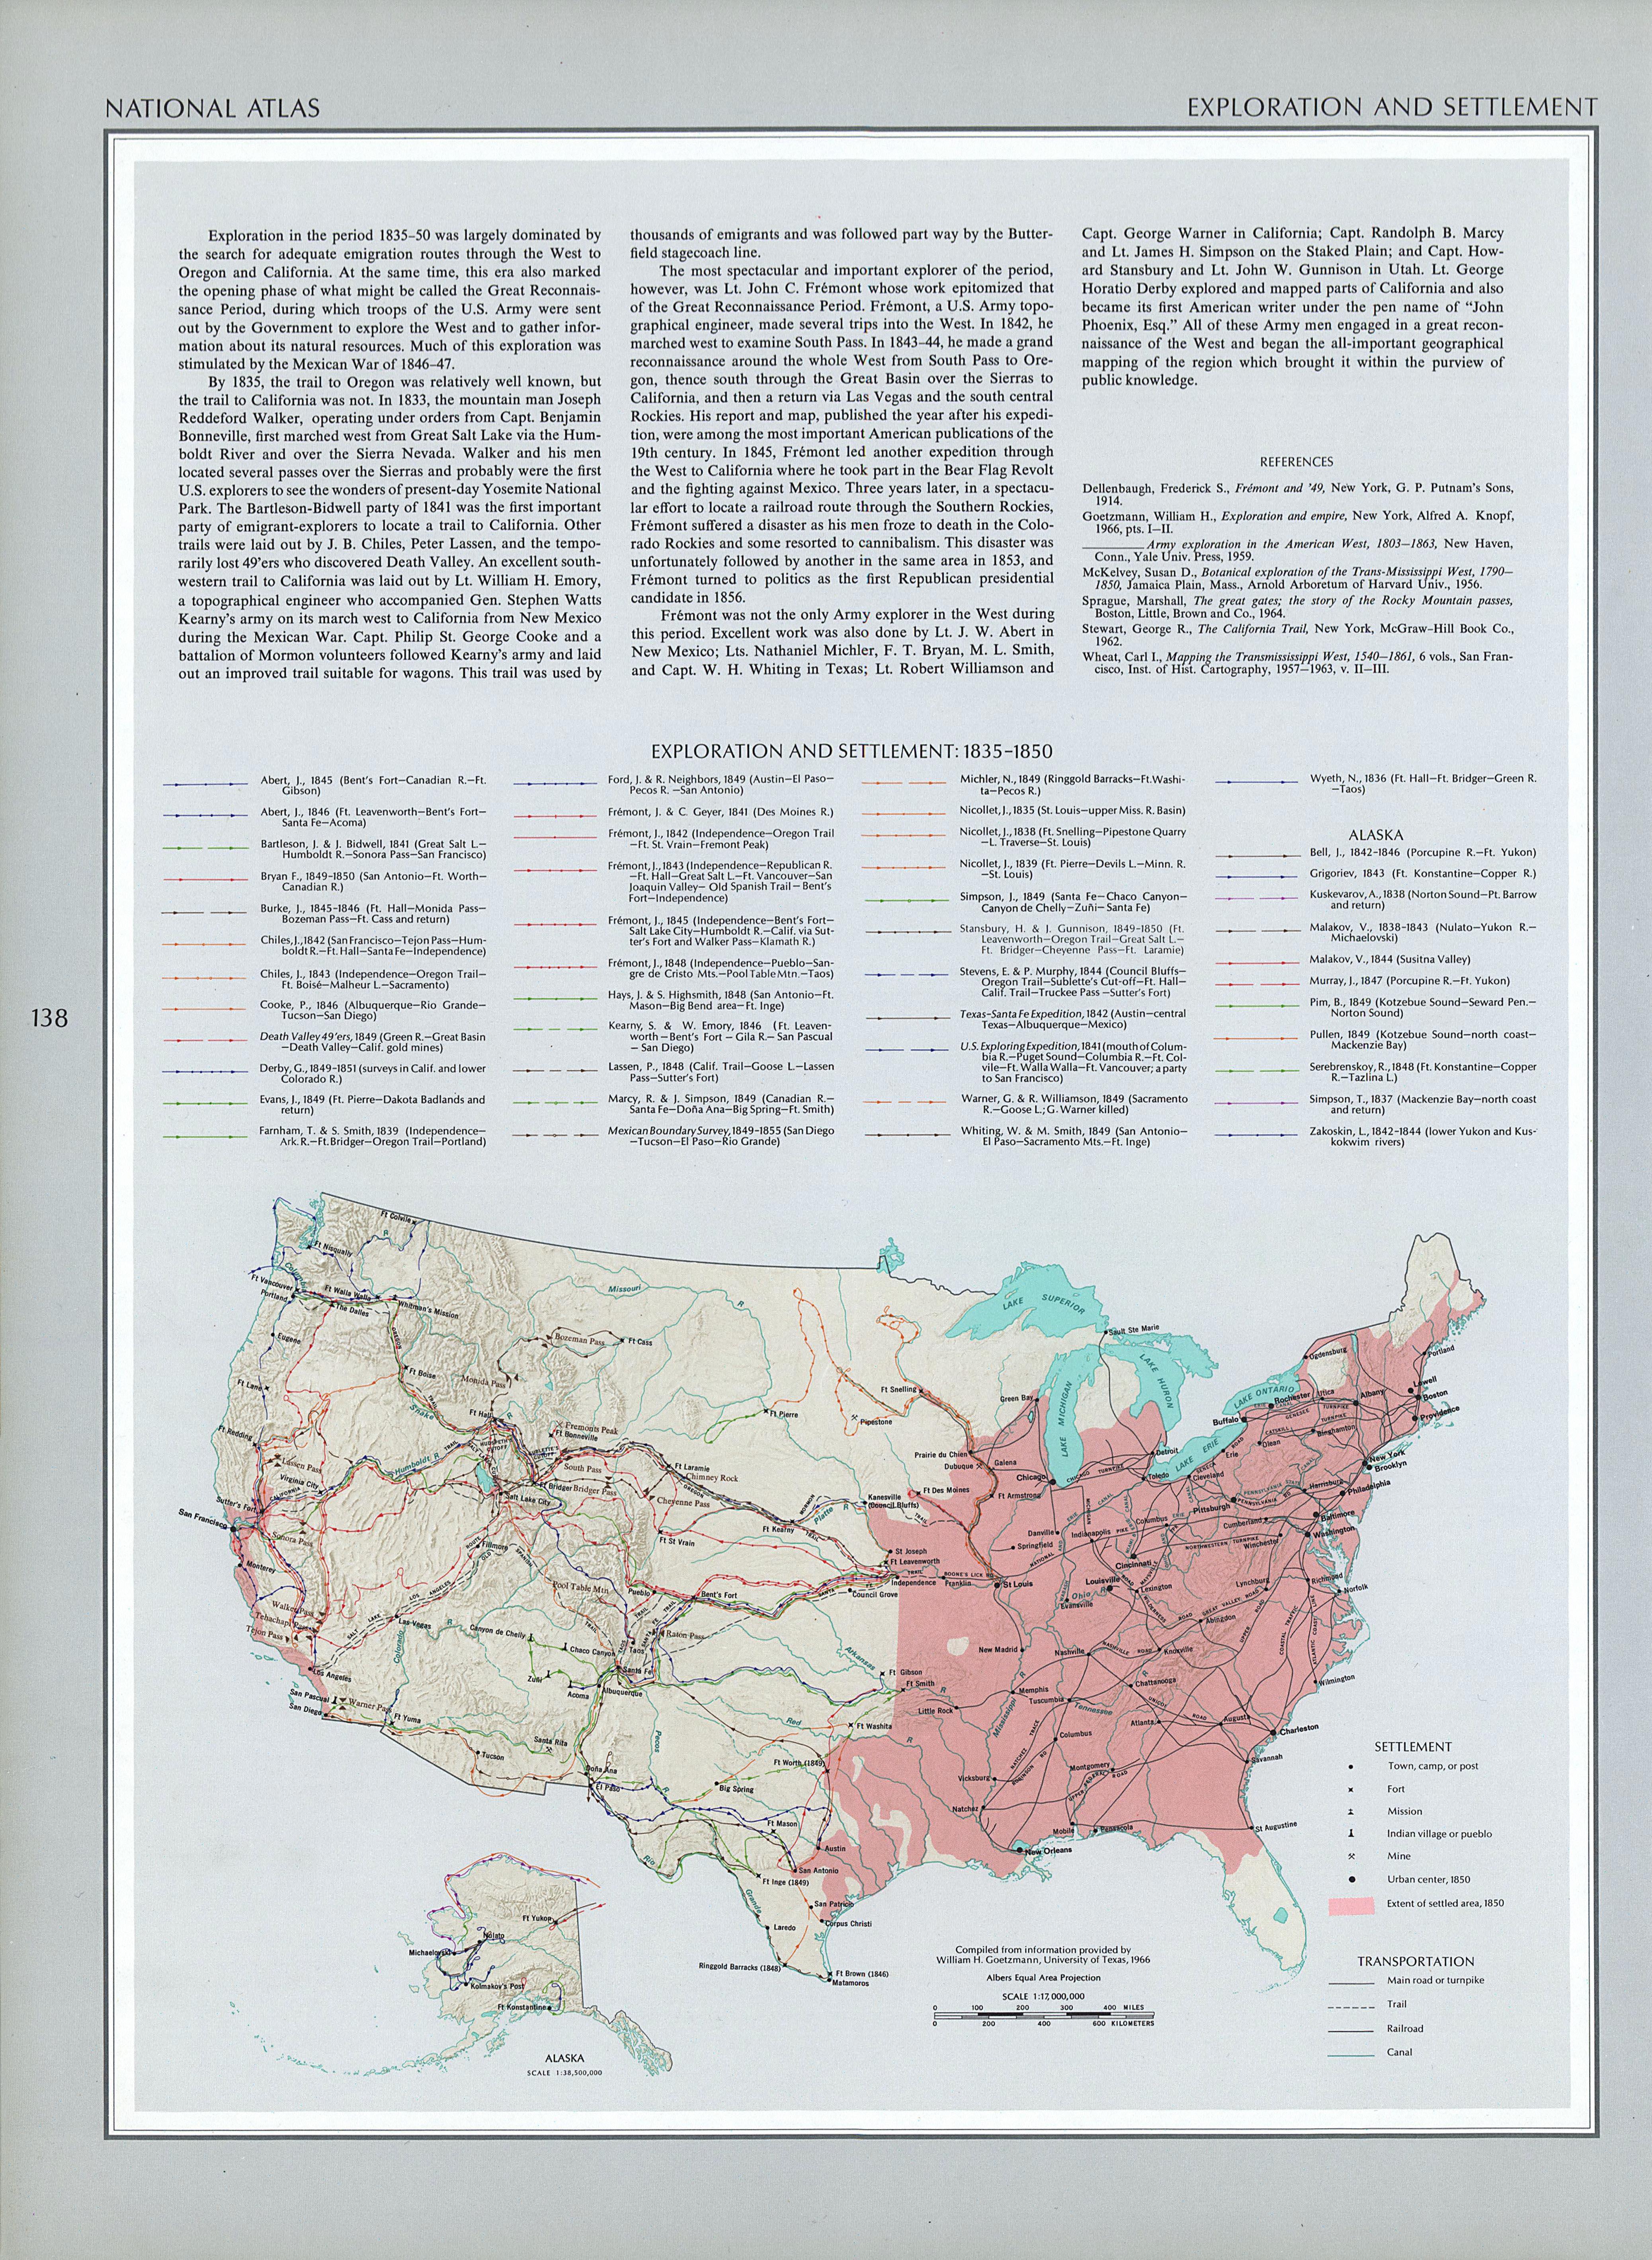 Mapa de Exploración y Asentamientos del Territorio de Estados Unidos 1835 - 1850